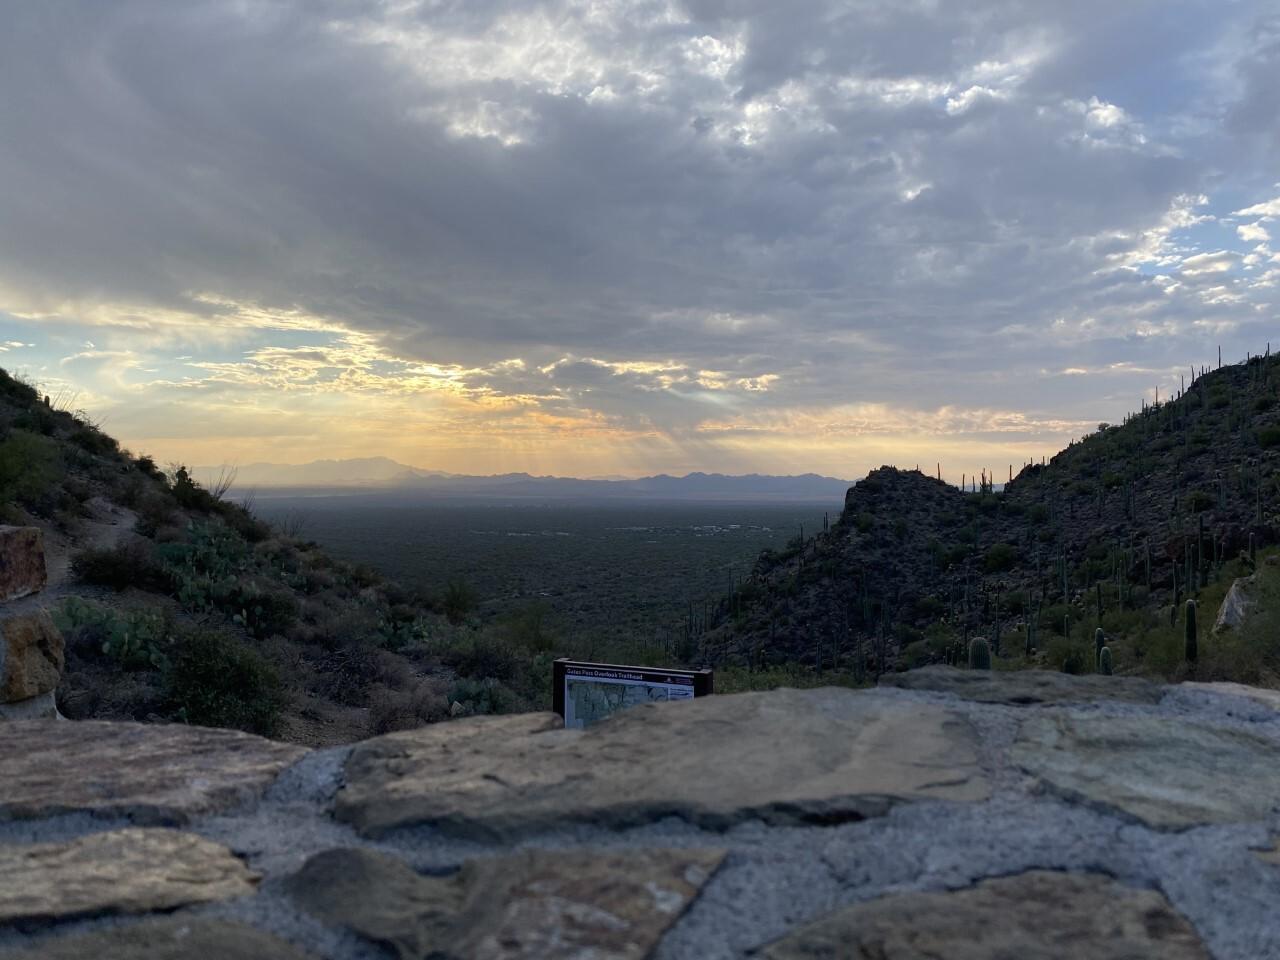 Gates Pass through Tucson Mountains